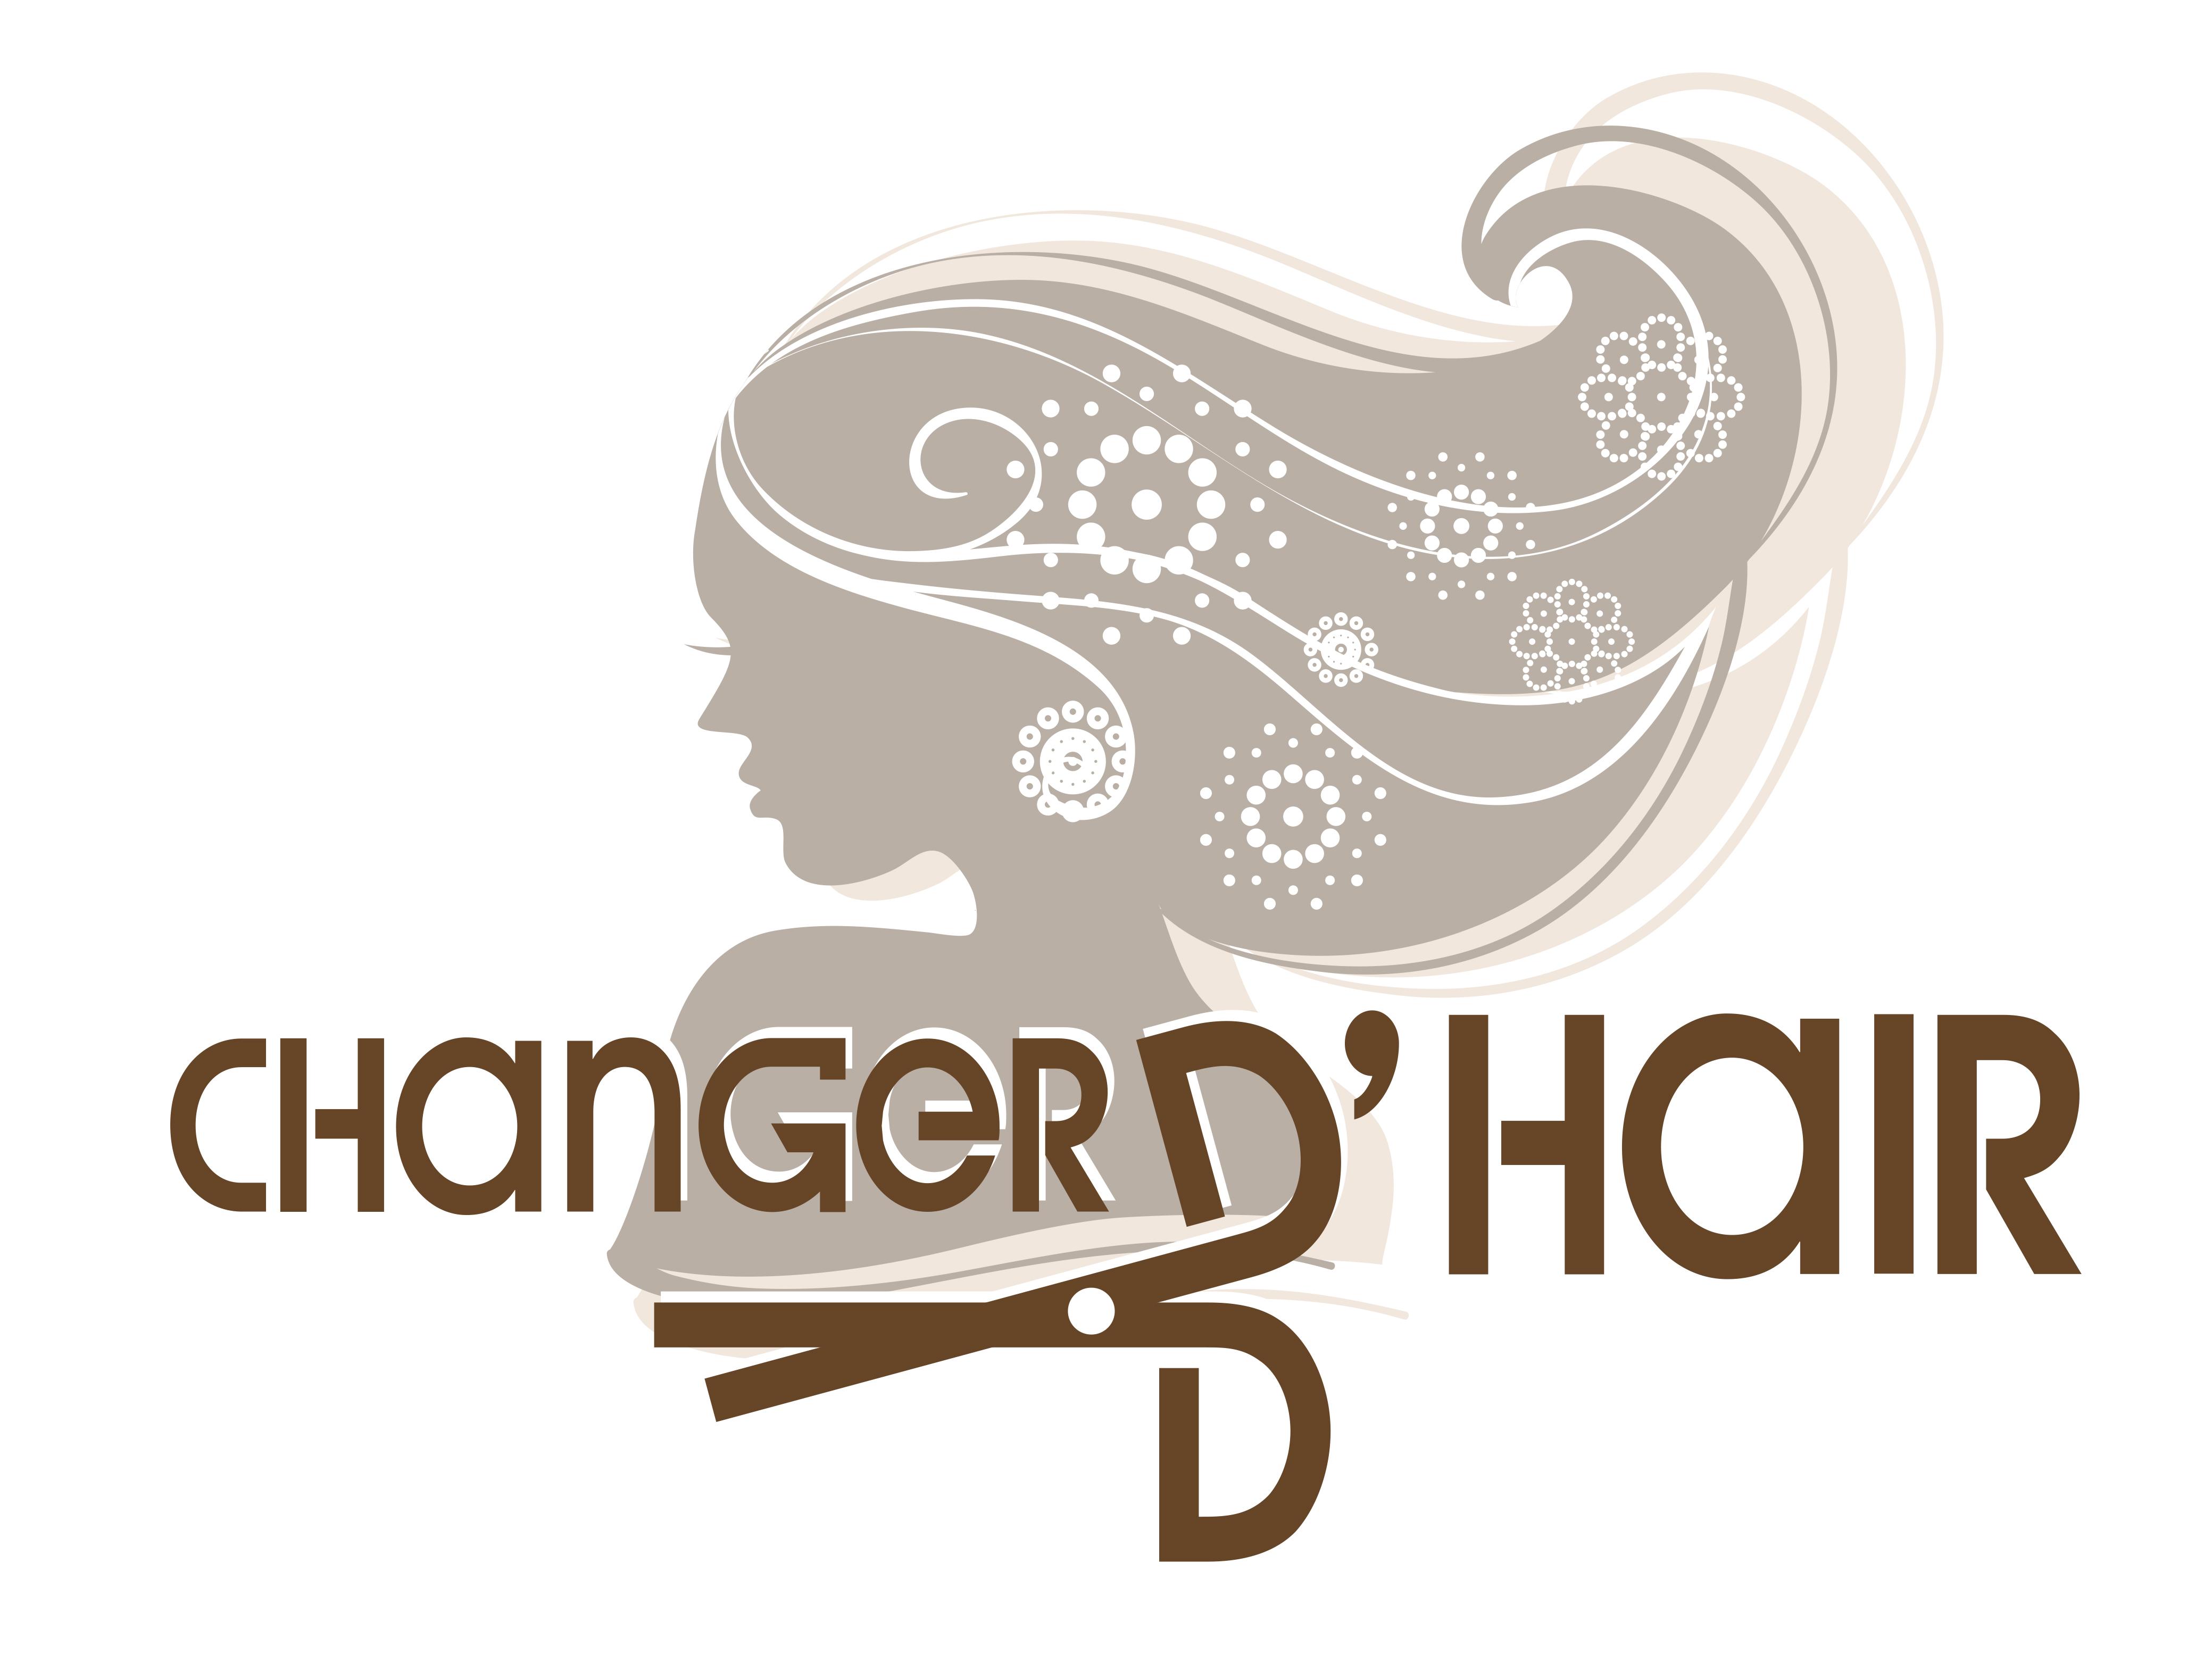 Changer d'Hair